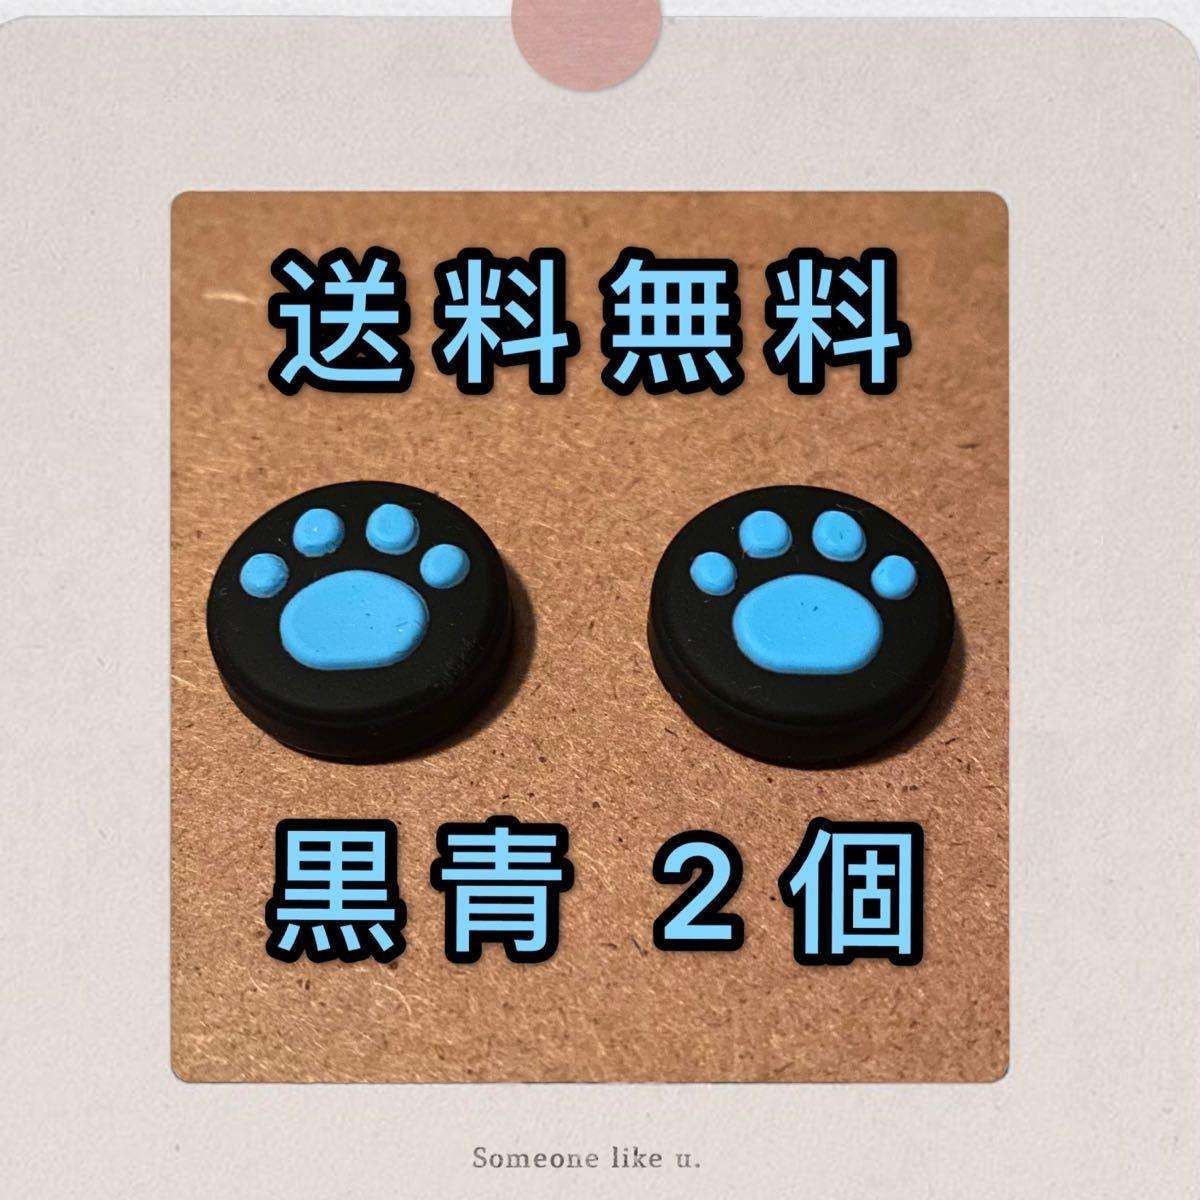 スイッチ 肉球 猫 ジョイコンスティックカバー 黒青2個